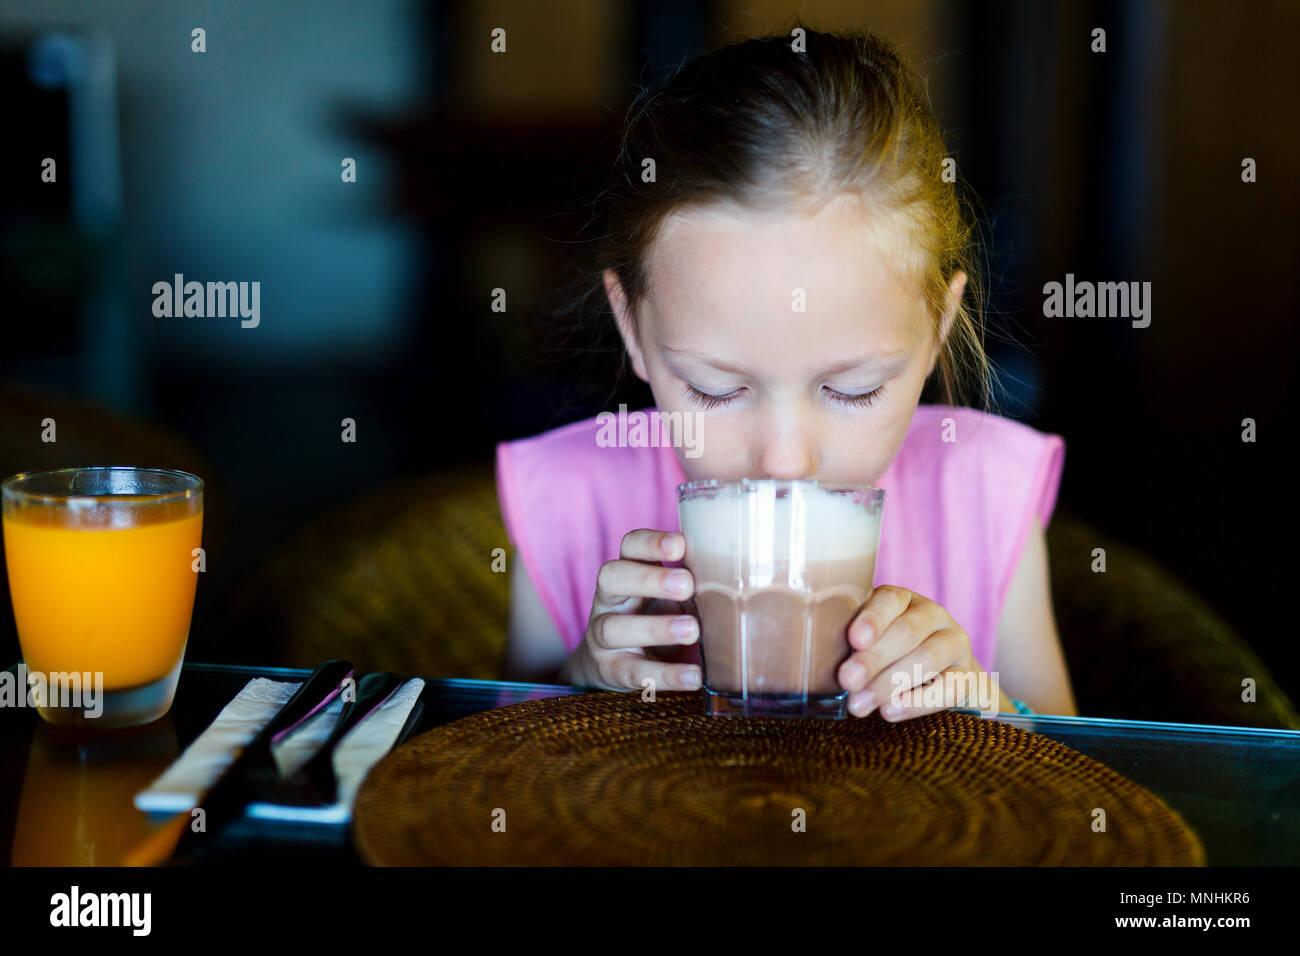 Adorable niña en el restaurante bebiendo chocolate Imagen De Stock